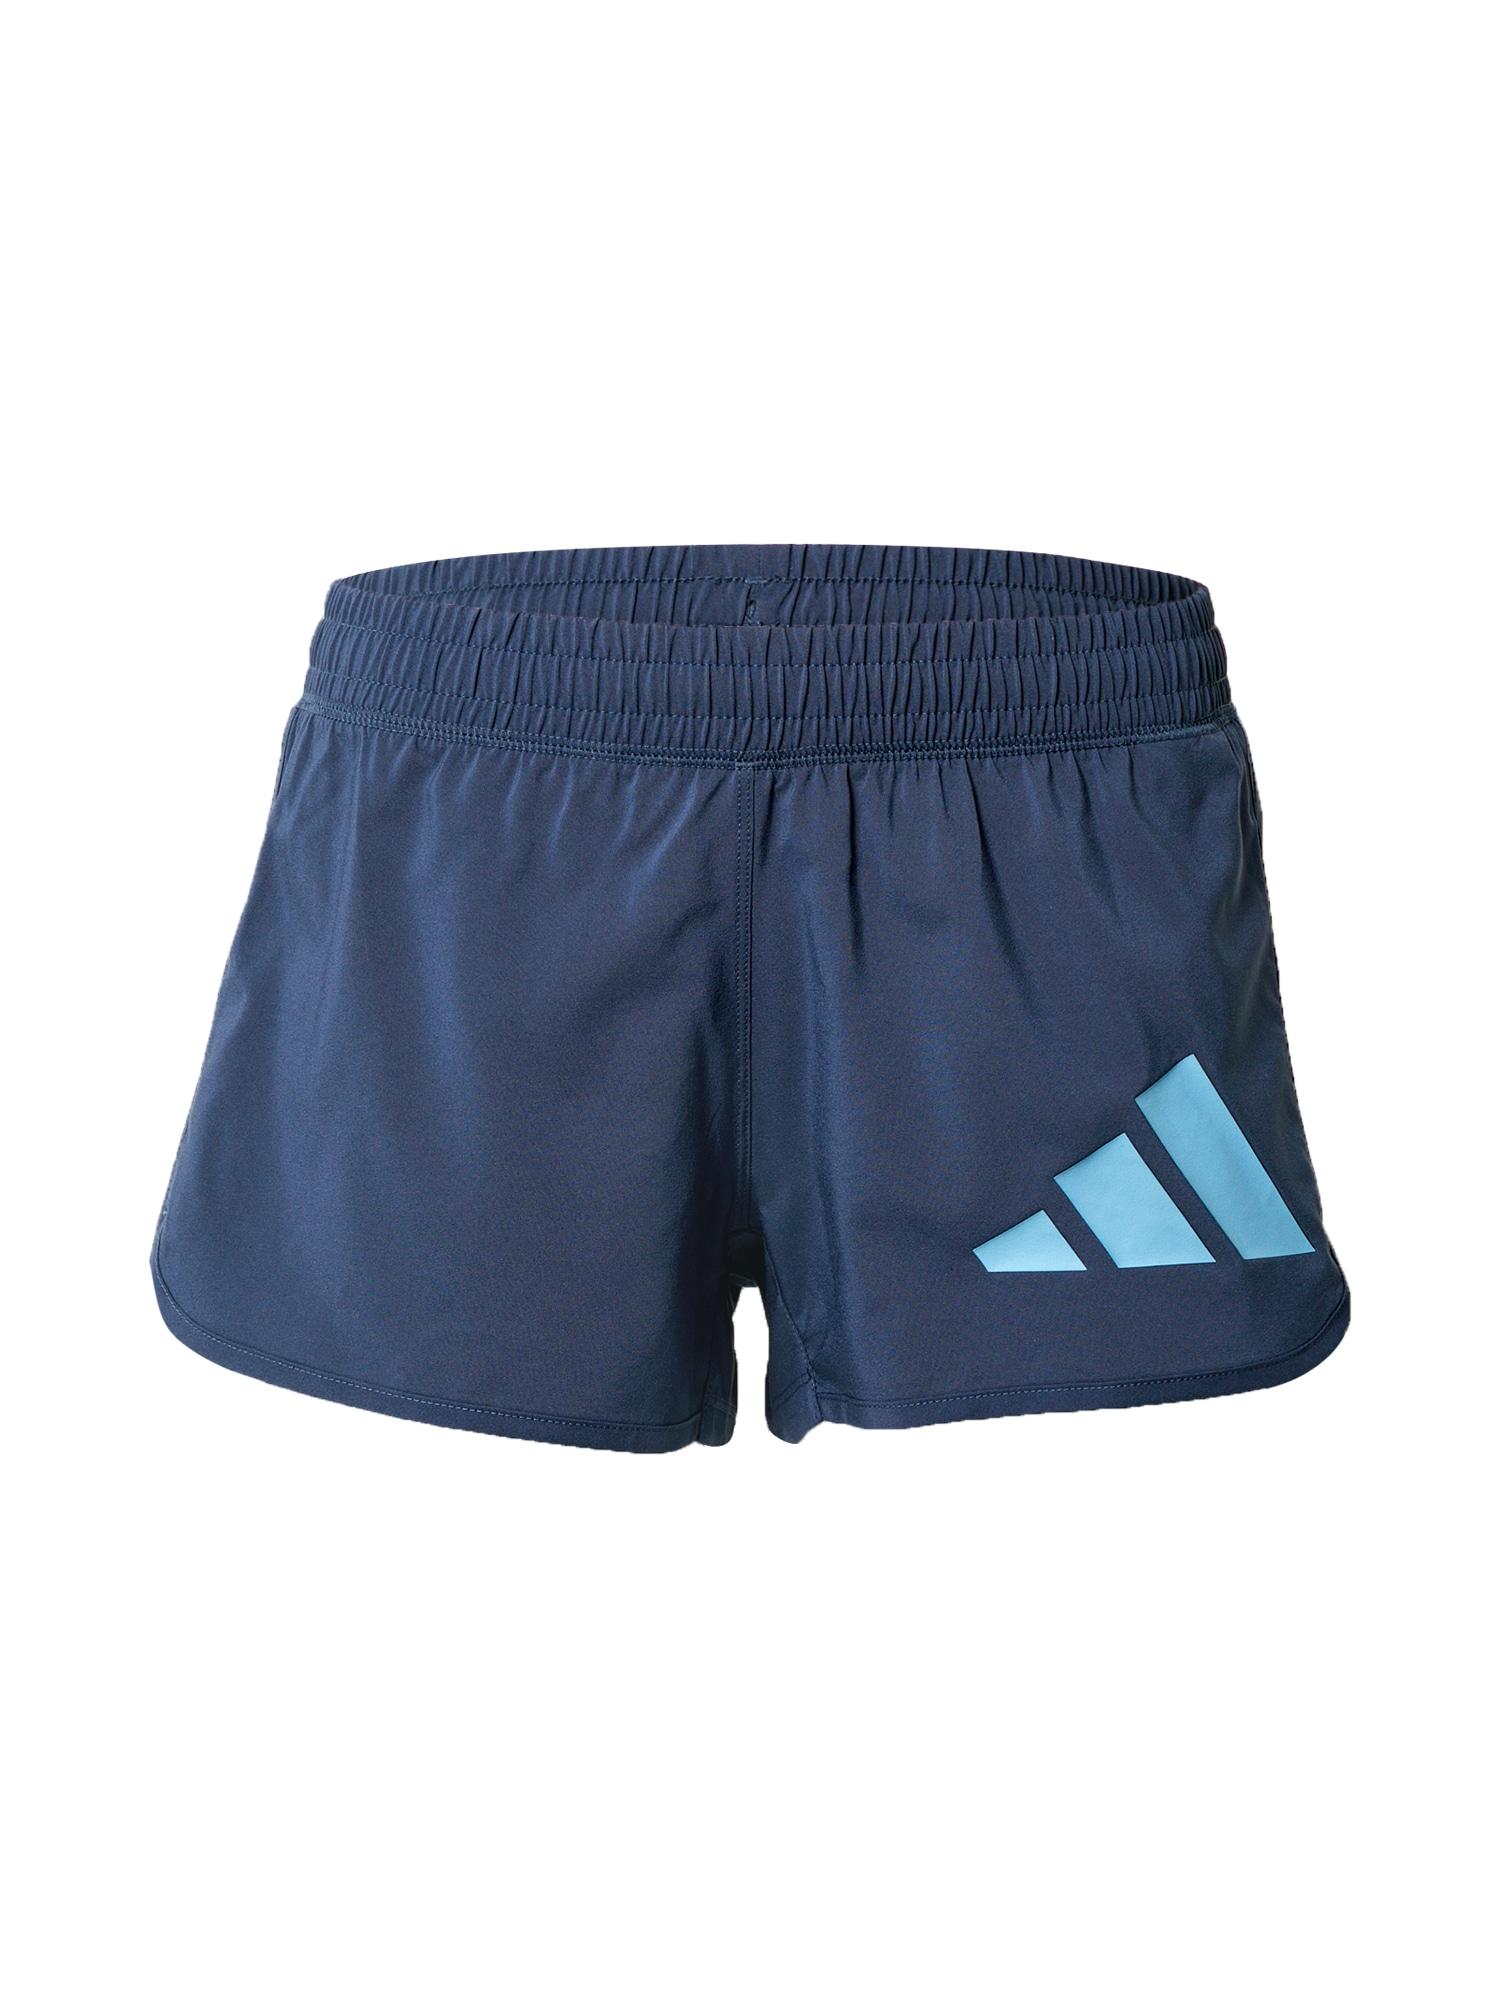 ADIDAS PERFORMANCE Sportinės kelnės tamsiai mėlyna / vandens spalva